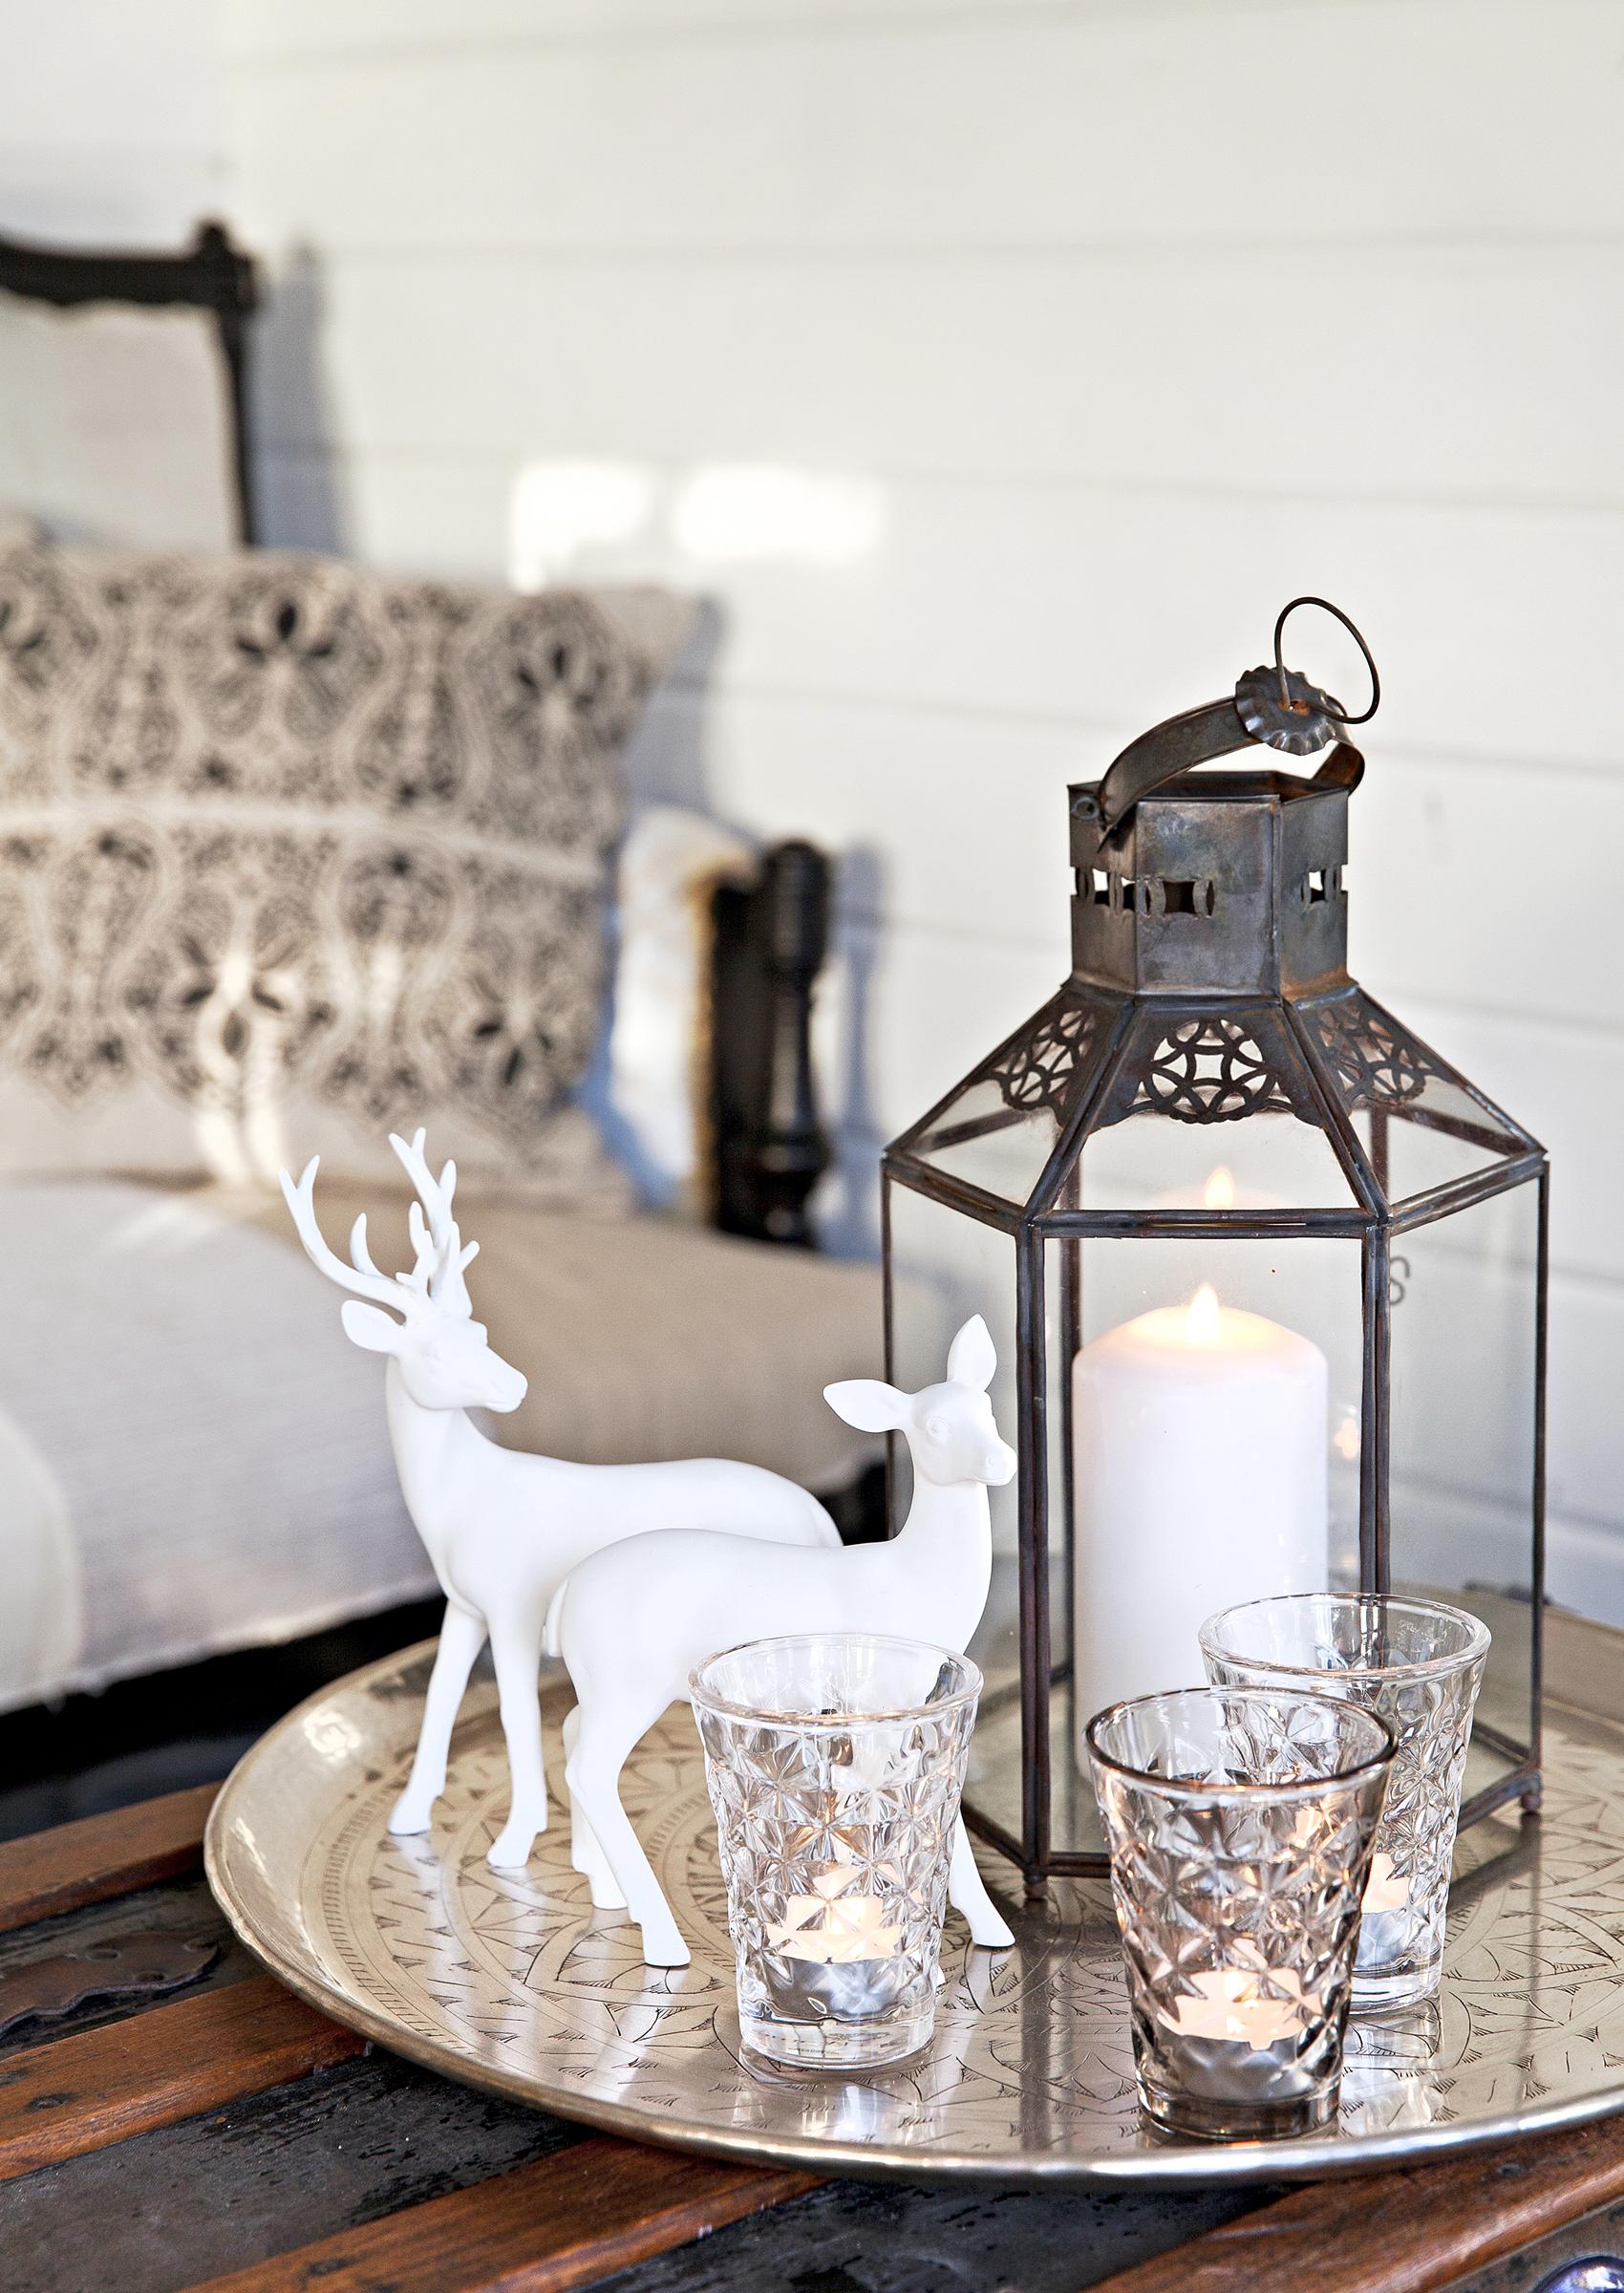 joulukoristeet Kauneimmat joulukoristeet – 14 ideaa kotiin | Meillä kotona joulukoristeet